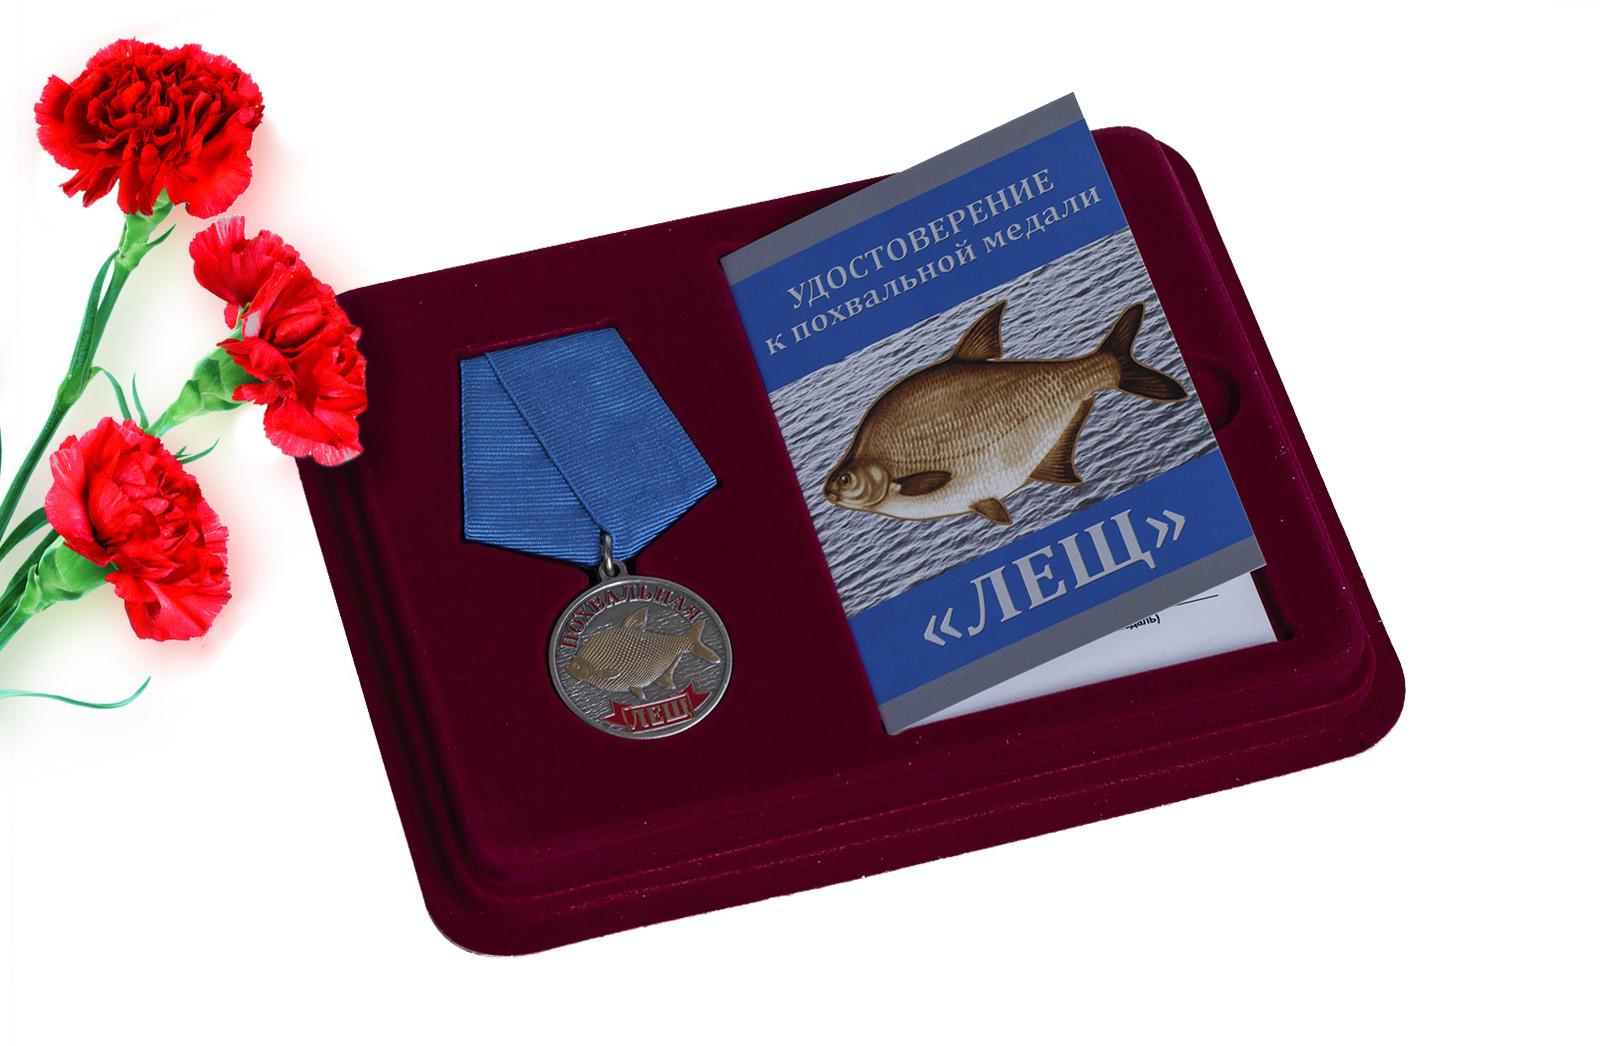 Рыбацкая медаль Похвальный лещ заказать в подарок